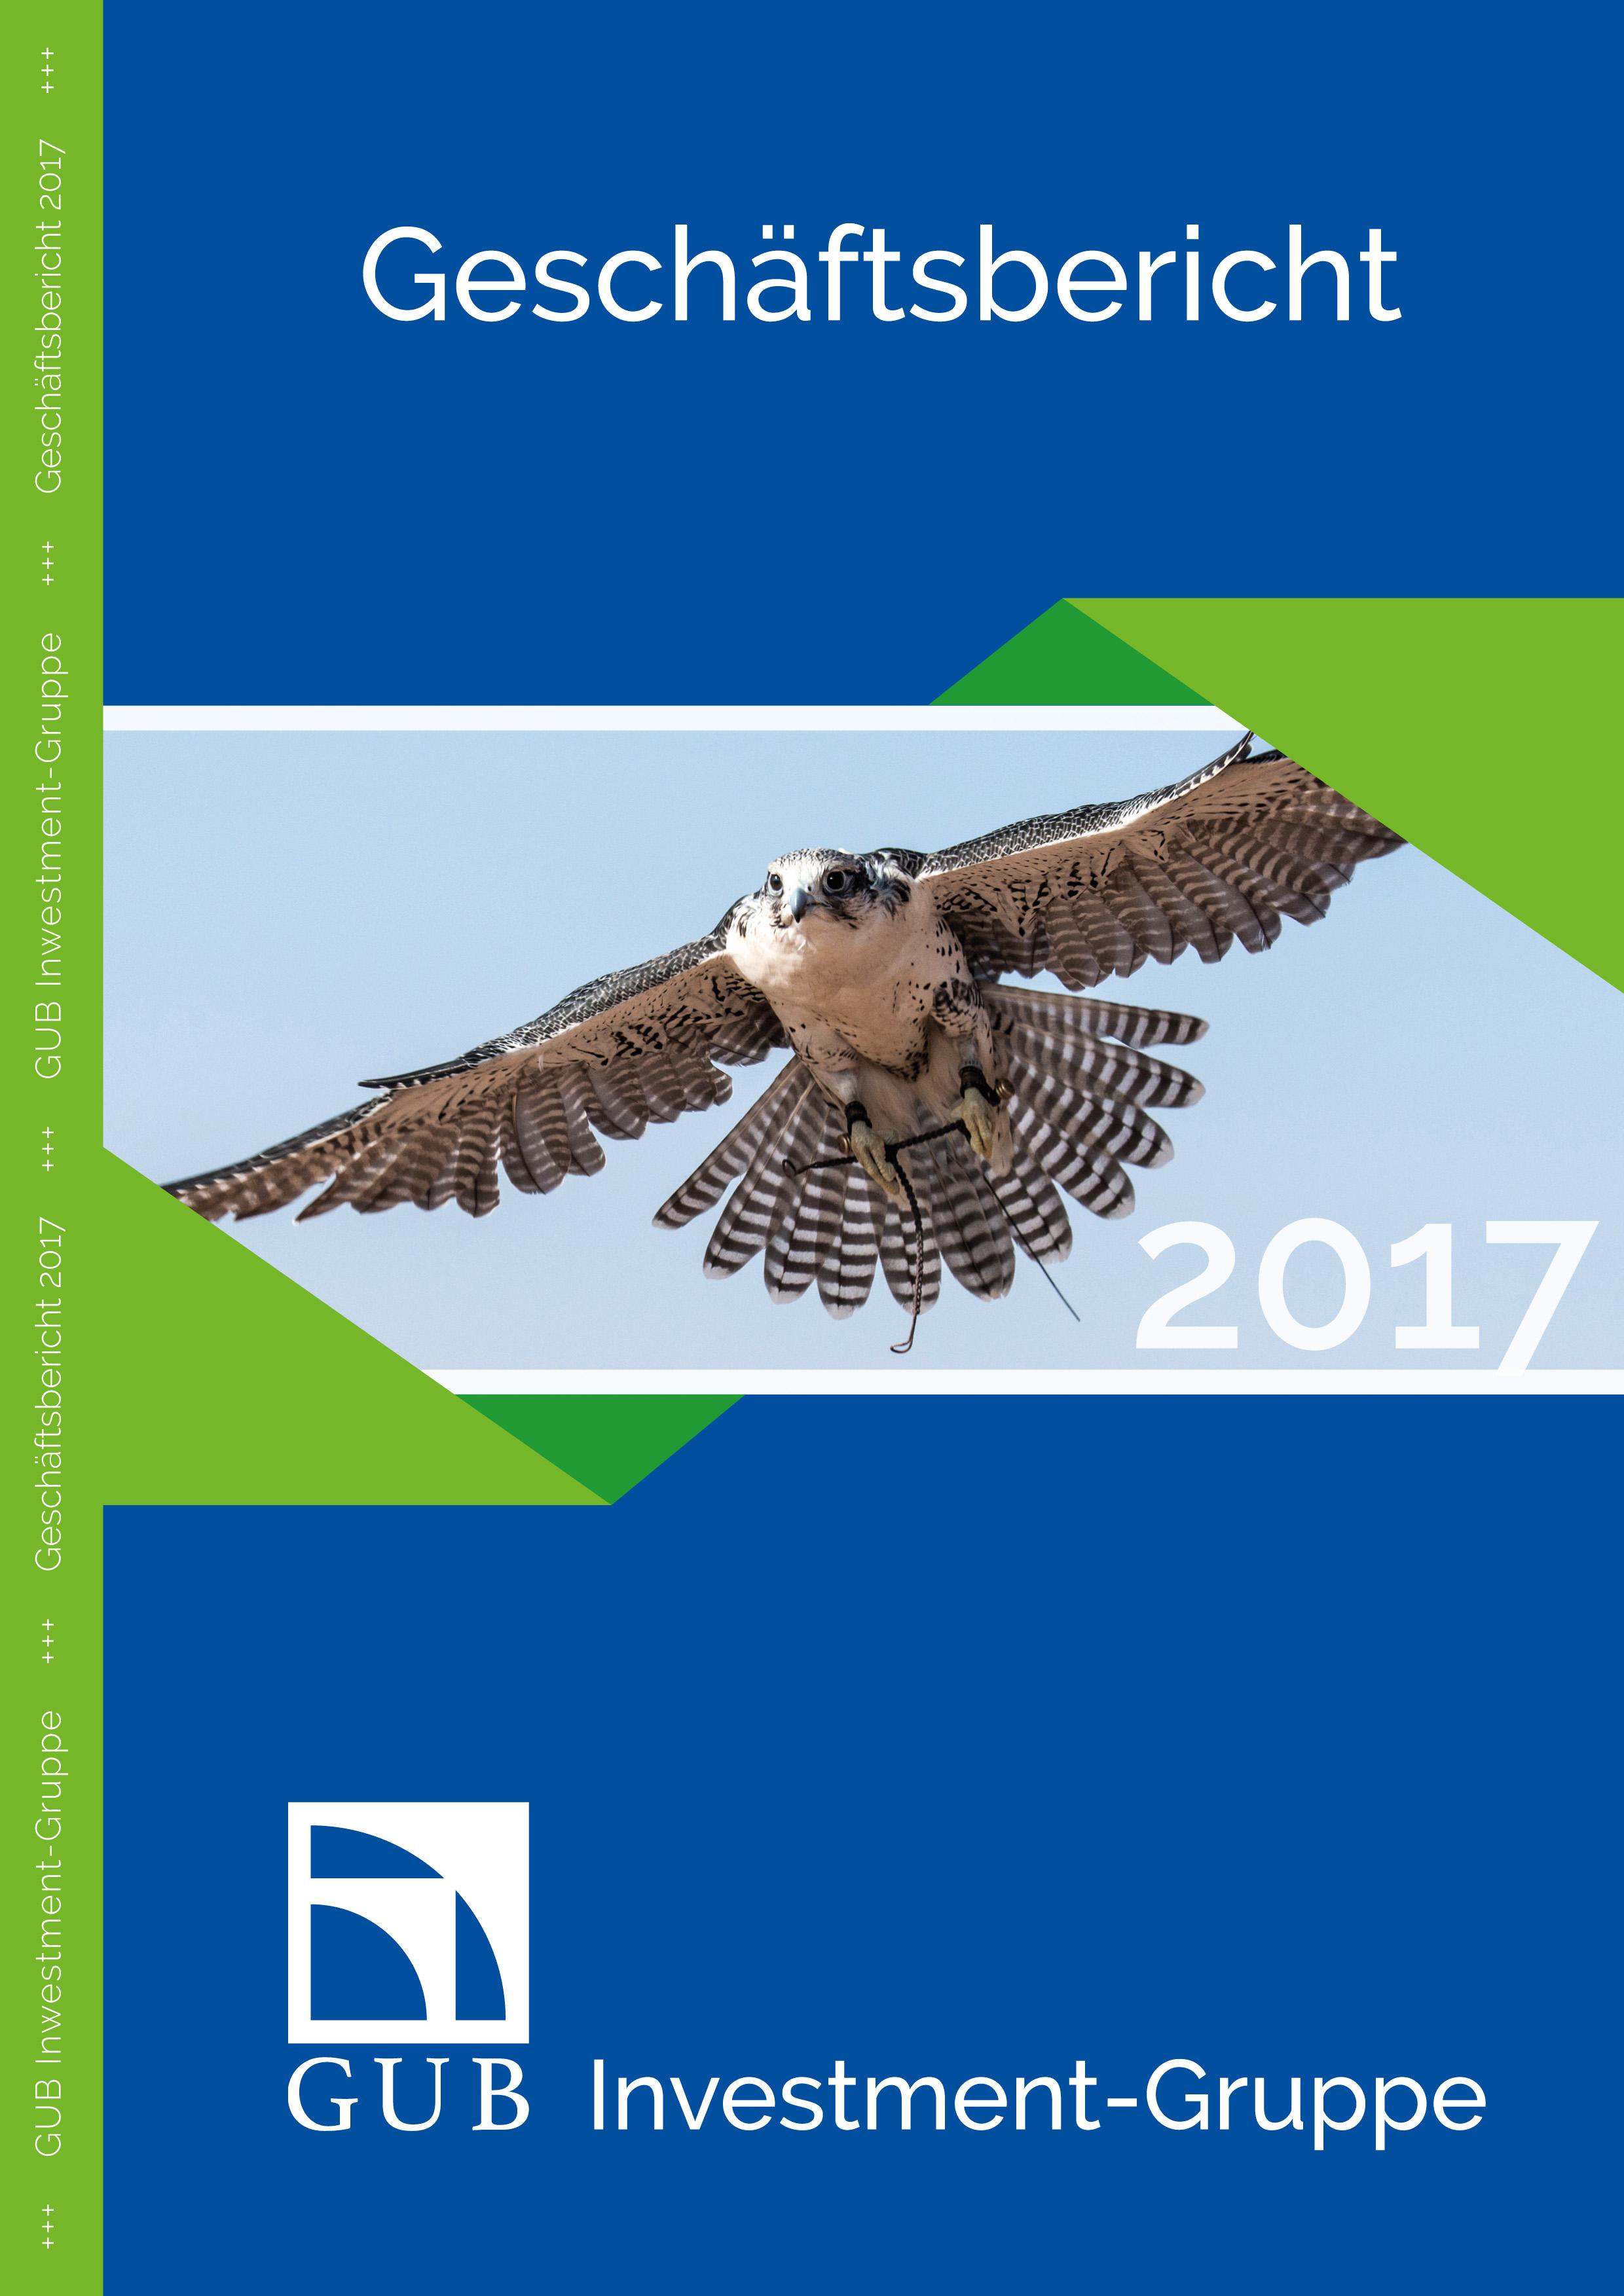 GUB Investment-Gruppe_Geschaeftsbericht_2017_Cover